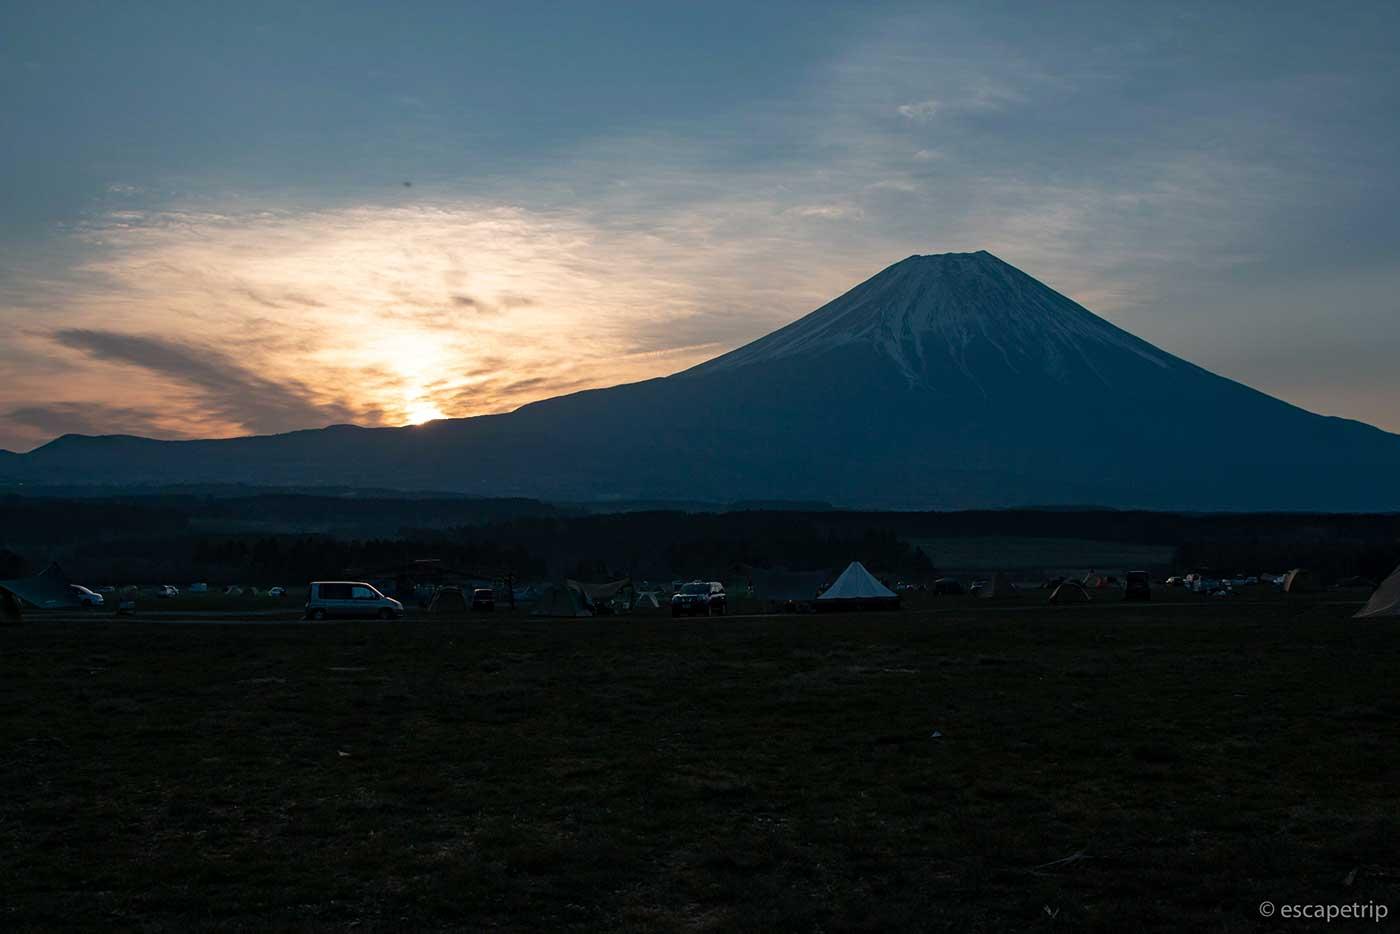 ふもとっぱらキャンプ場に昇る太陽